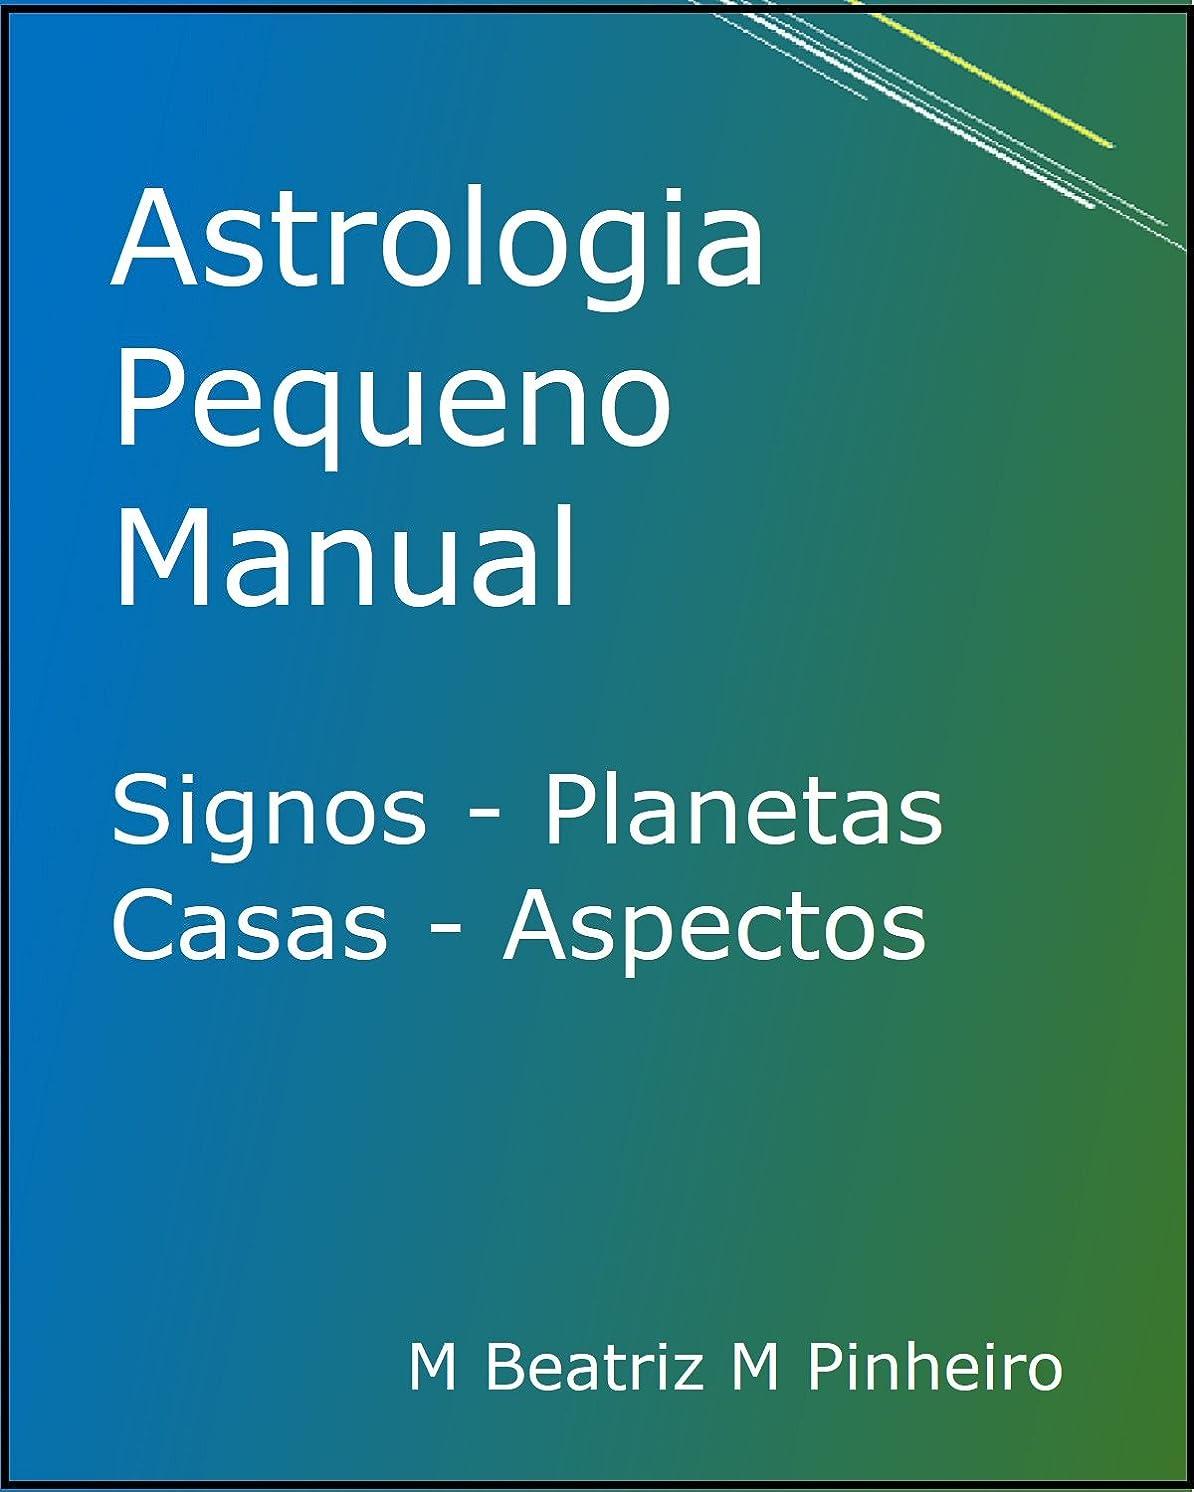 環境余分なニックネームAstrologia Pequeno Manual: Signos Planetas Casas Aspectos (Portuguese Edition)